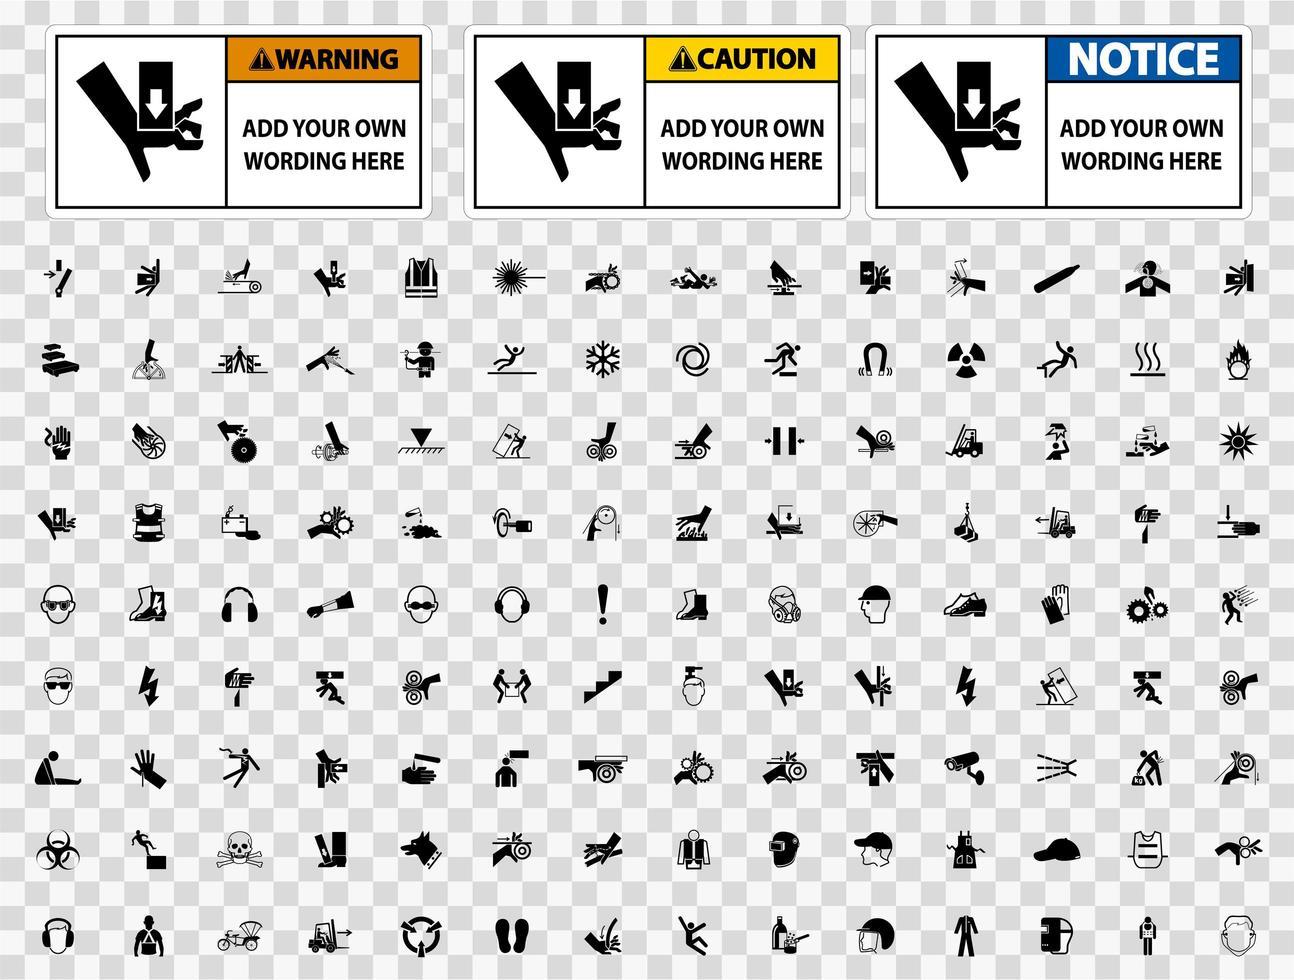 varningsskylt malluppsättning med ikoner vektor